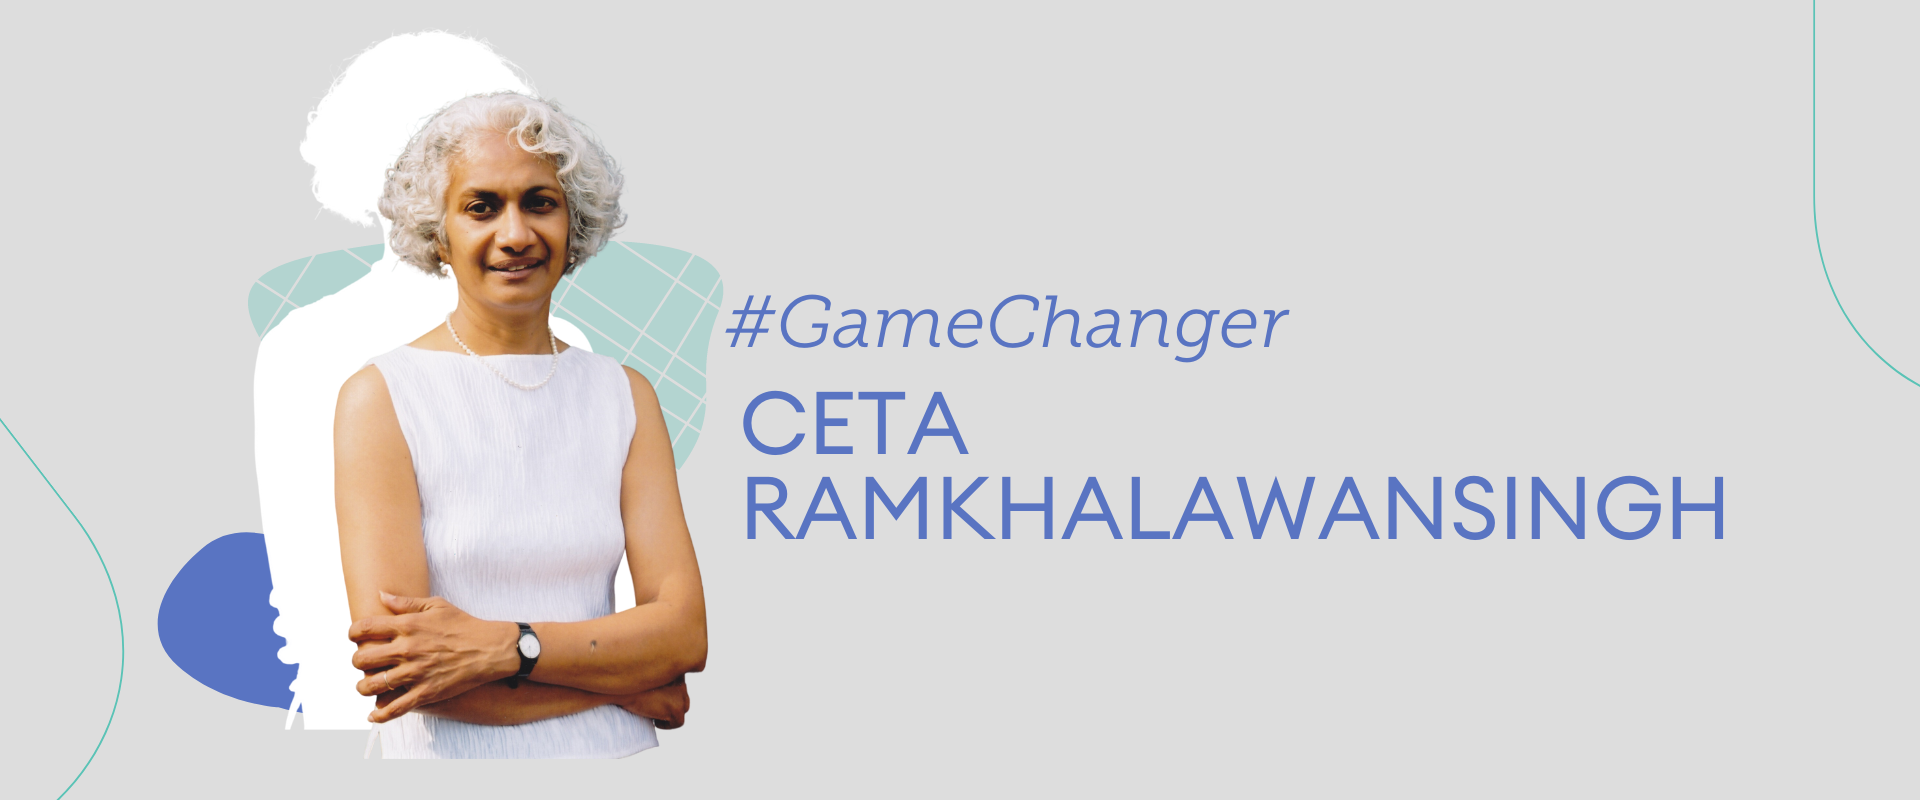 CETA RAMKHALAWANSINGH